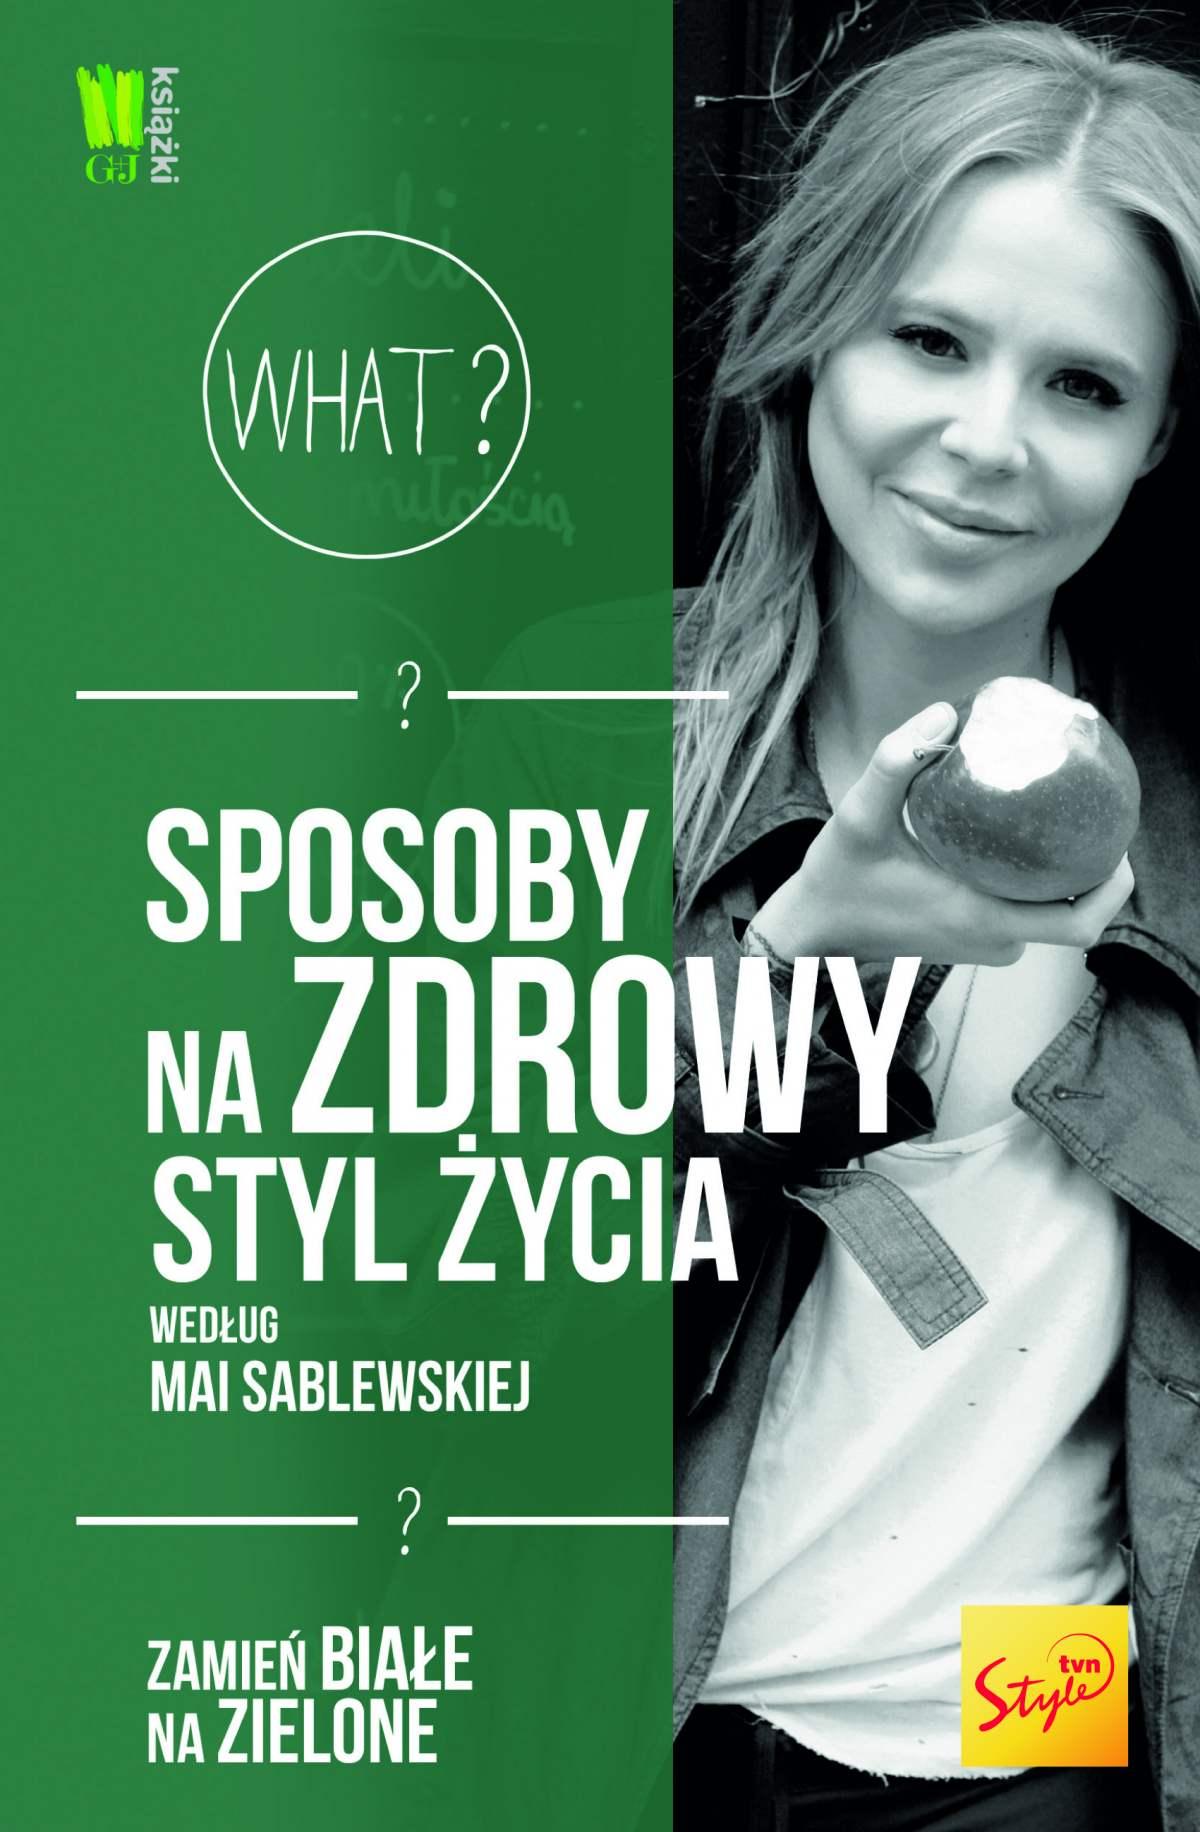 Sposoby na zdrowy styl życia według Mai Sablewskiej. Zamień białe na zielone - Ebook (Książka EPUB) do pobrania w formacie EPUB